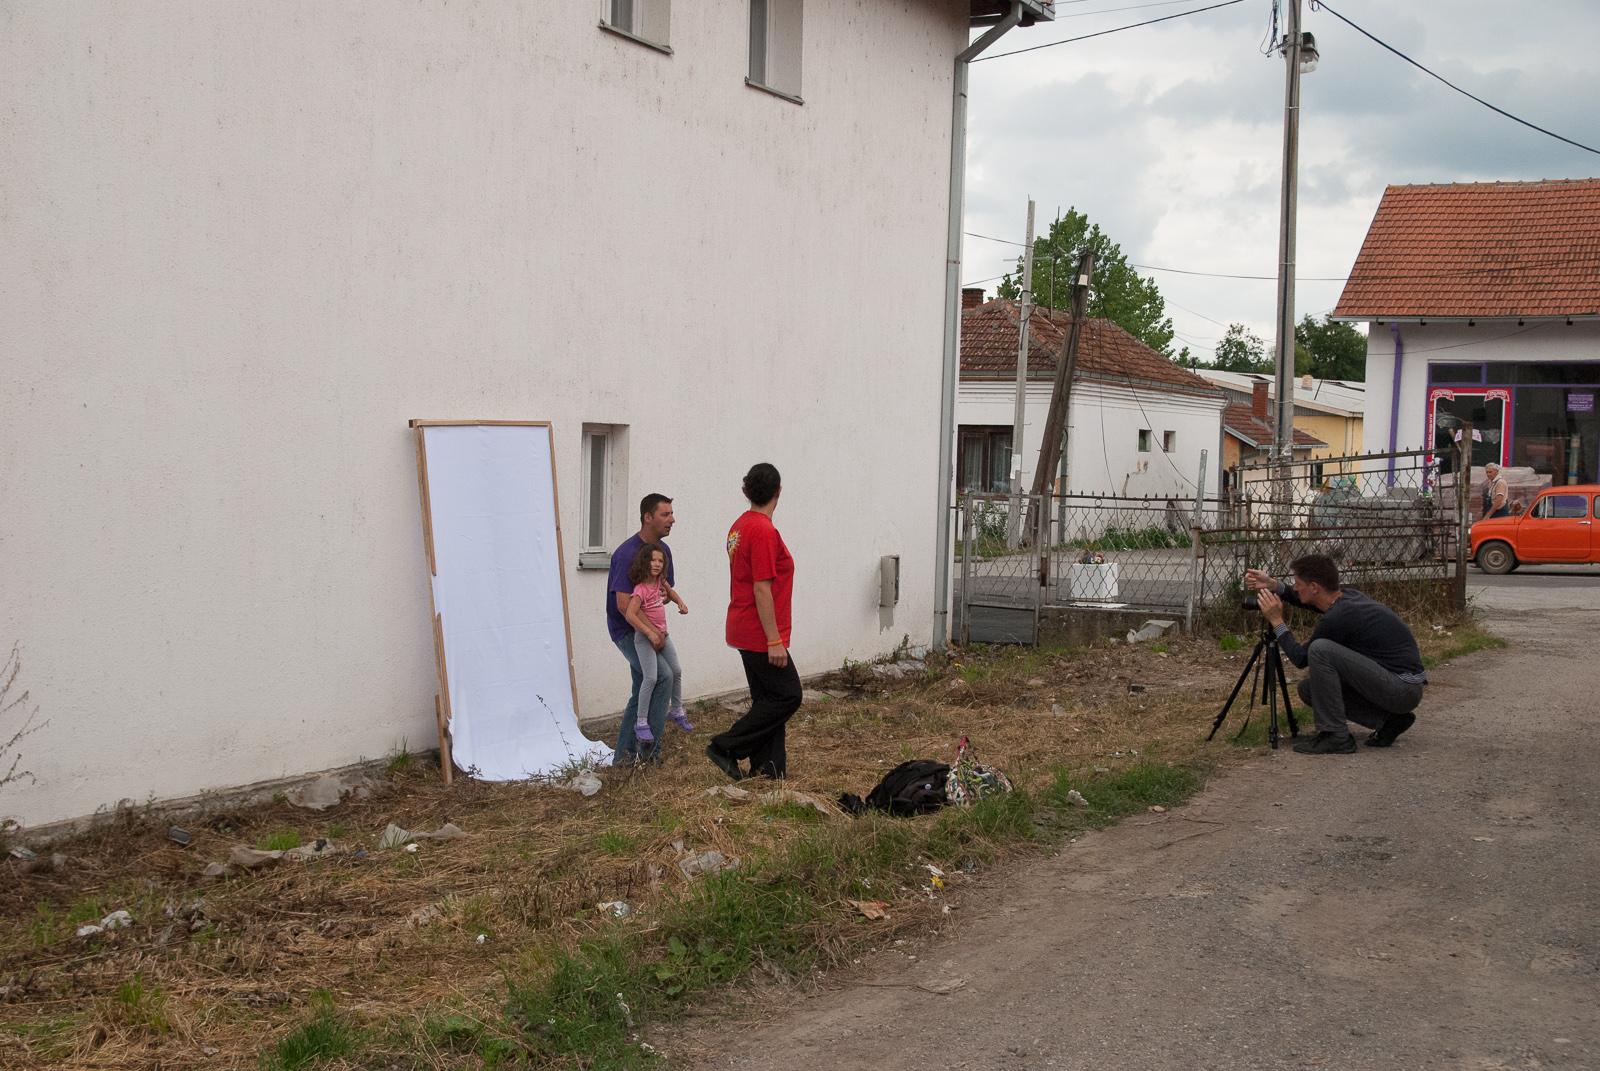 foto-Darko-Stanimirovic-kamenica-portreti-doku-0056